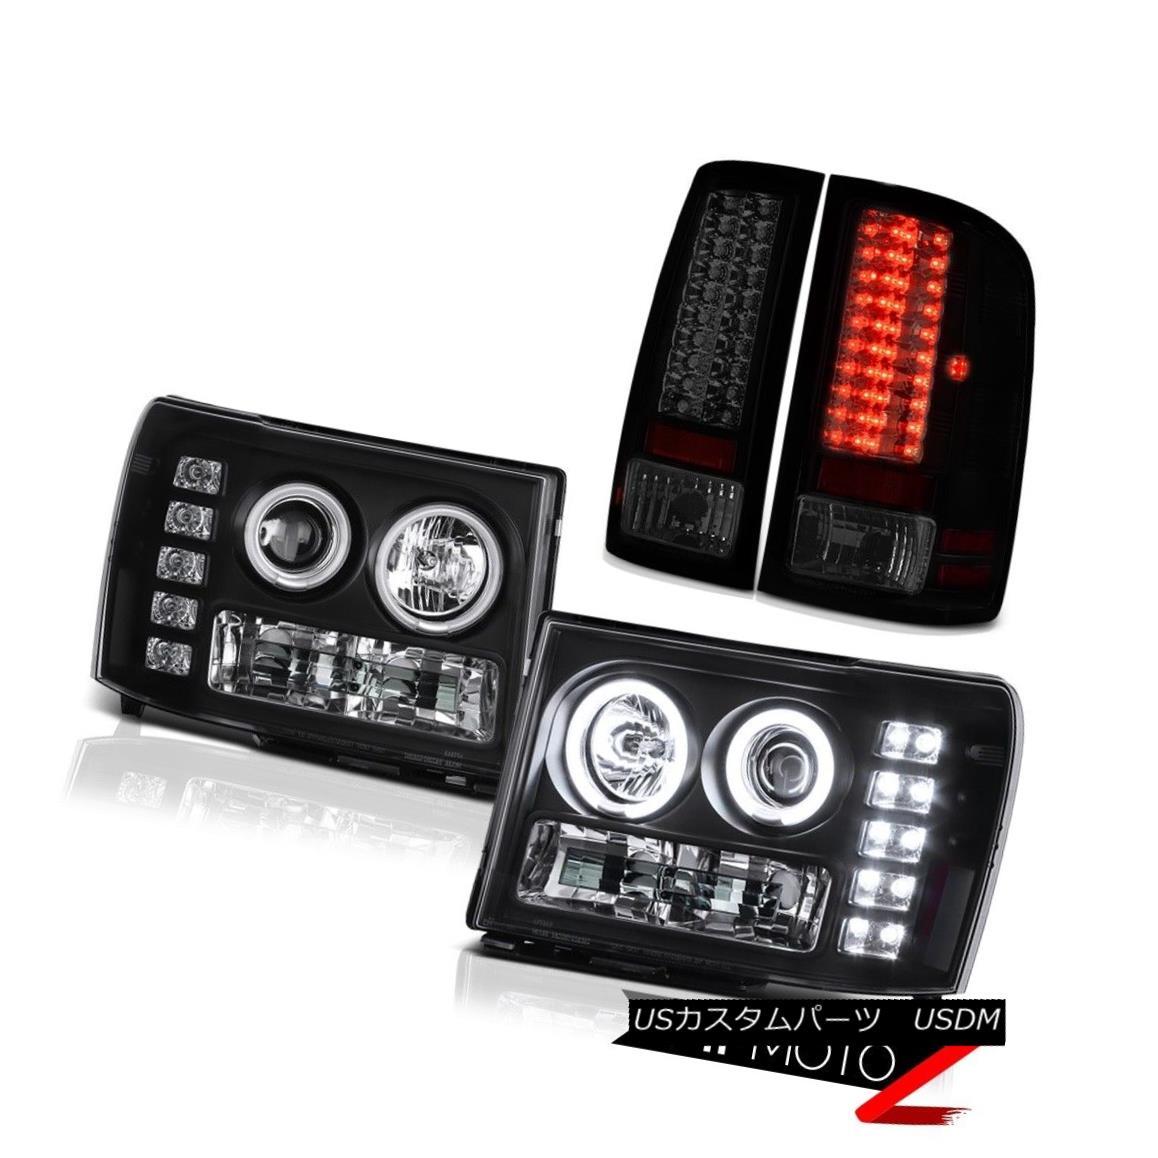 テールライト Black CCFL Angel Eye Headlight Bright LED Taillamp 2013 2014 GMC Sierra 6.6L SLT 黒のCCFLエンジェルアイヘッドライト明るいLED Taillamp 2013 2014 GMC Sierra 6.6L SLT